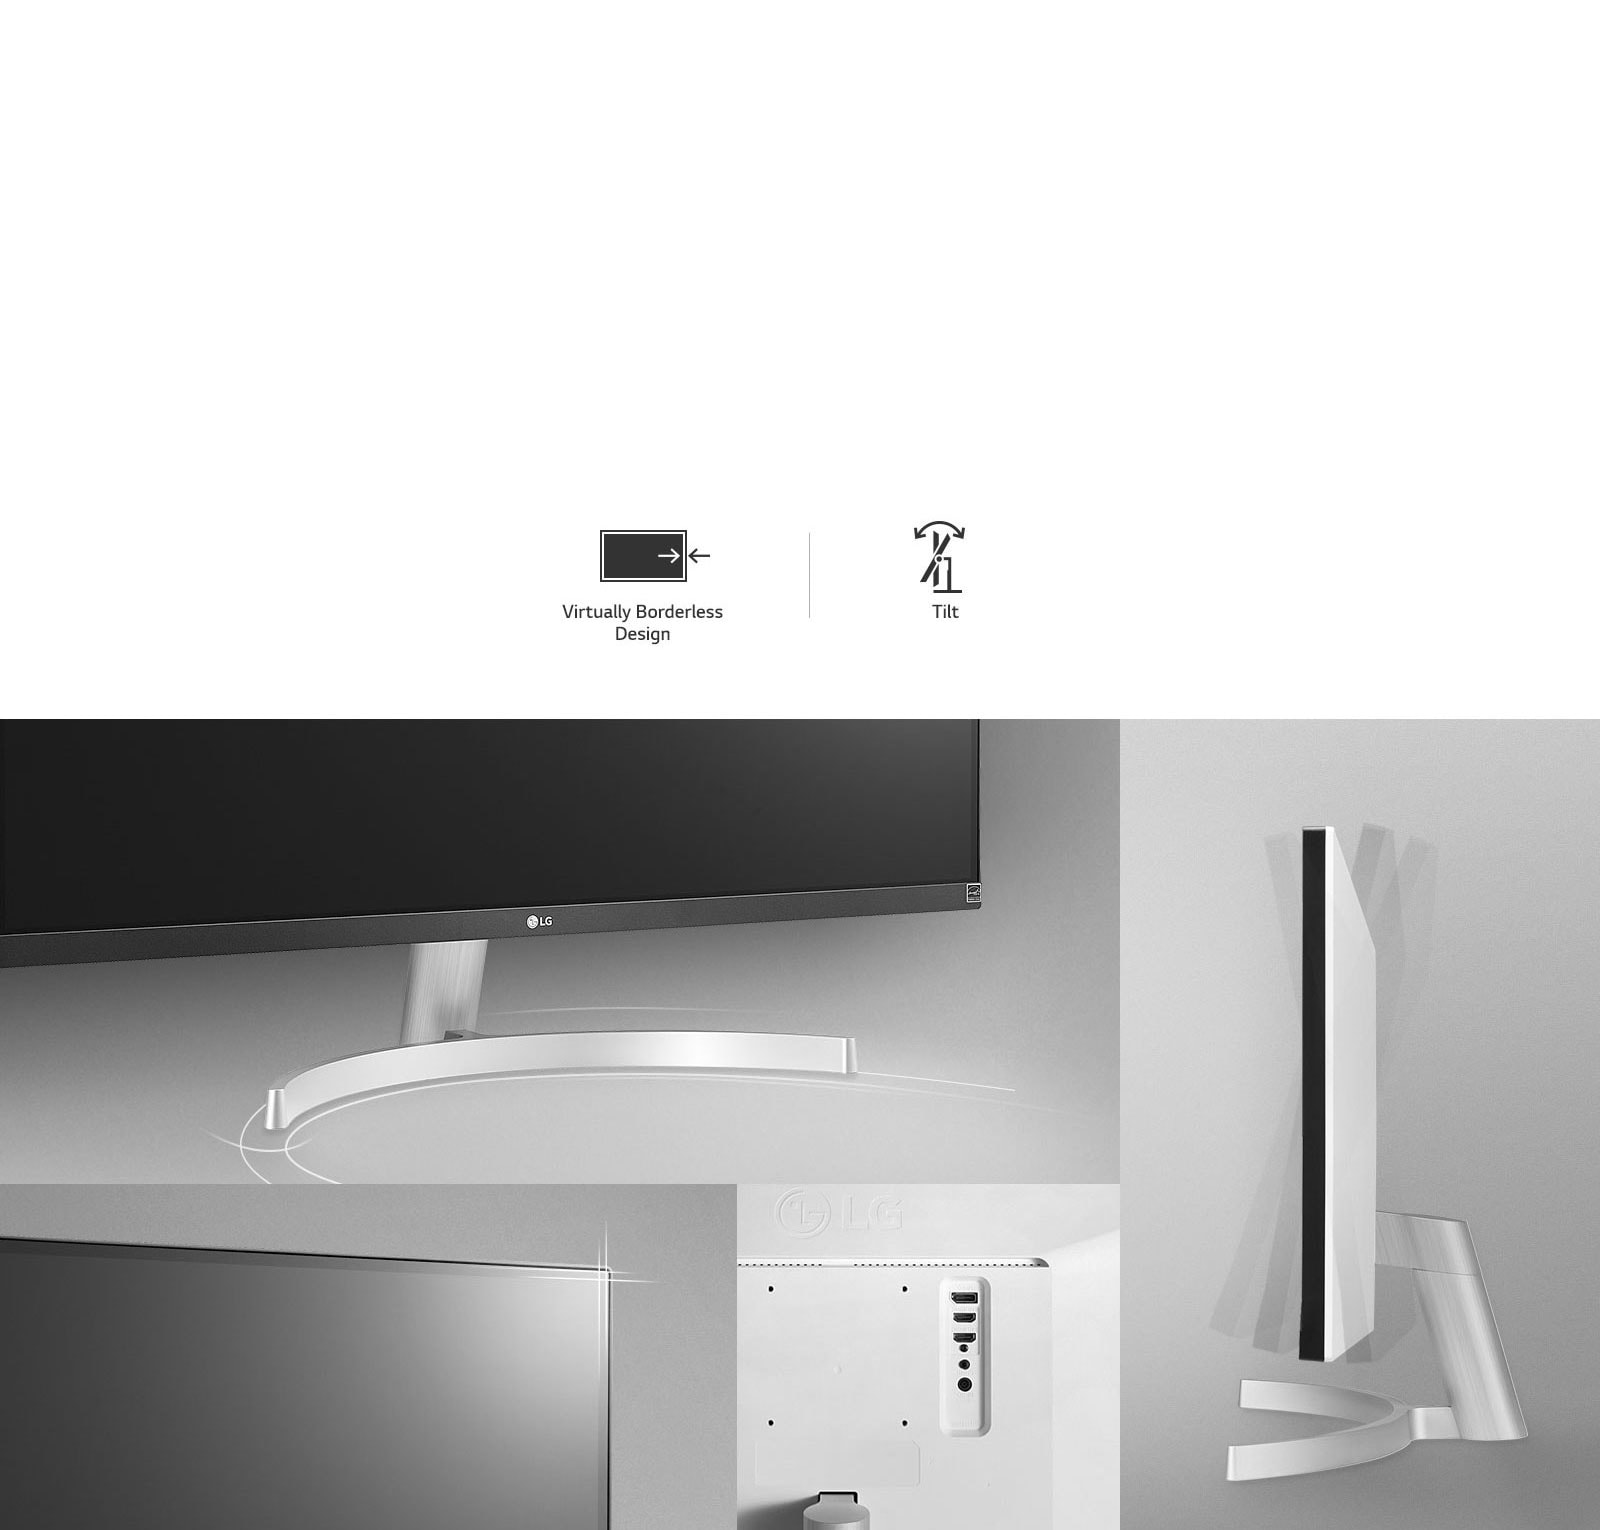 Ergonomic Design with Virtually Borderless Design and Tilt.